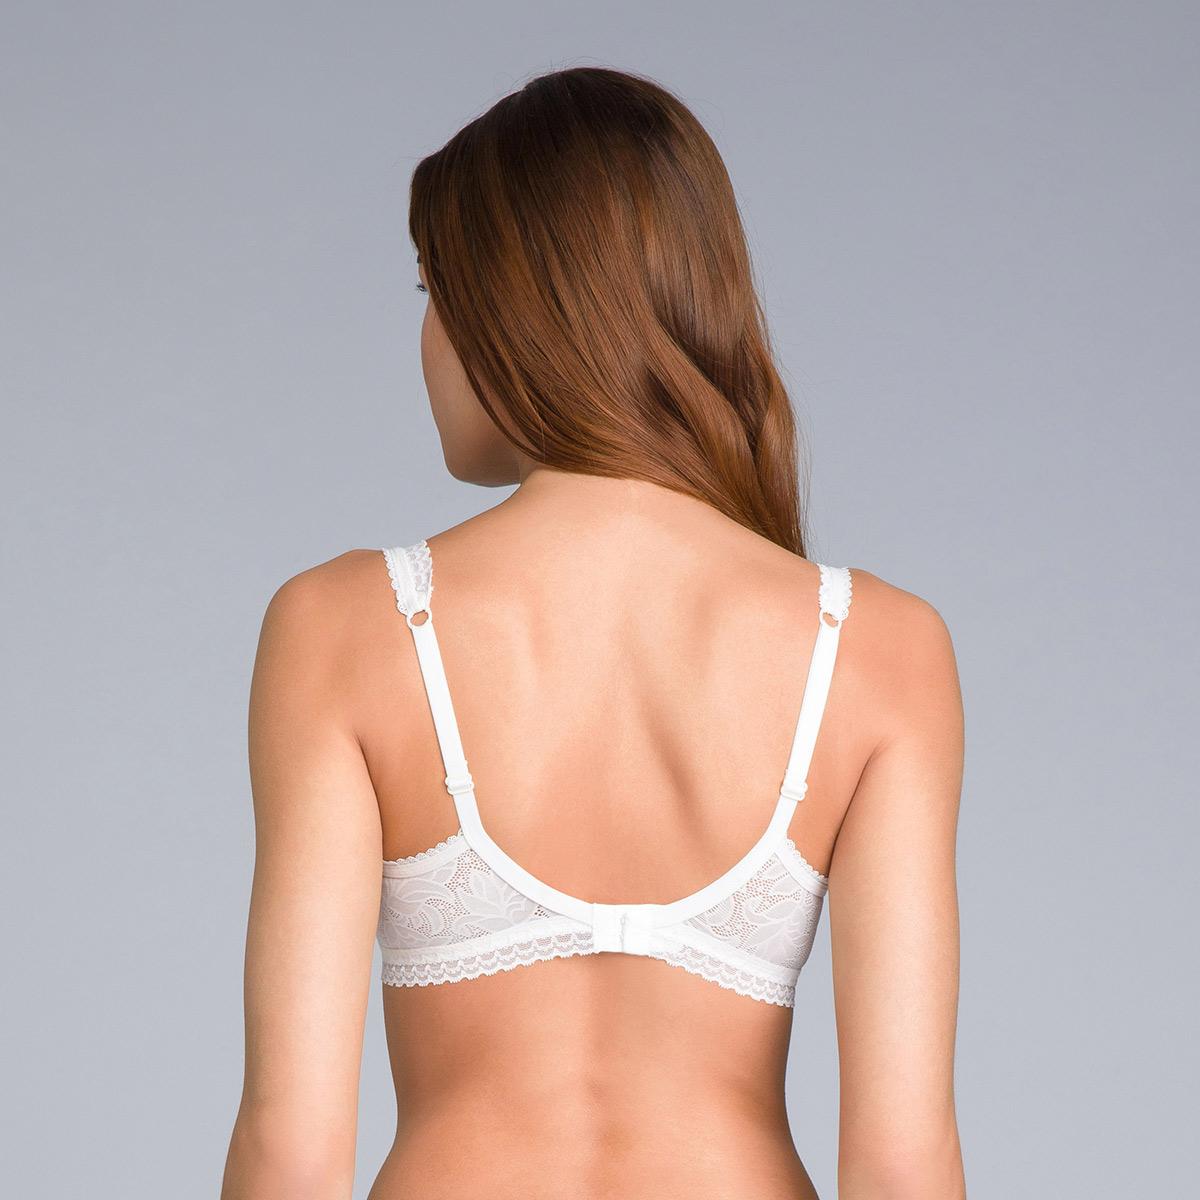 Reggiseno invisibile a balconcino bianco avorio - Invisible Elegance, , PLAYTEX